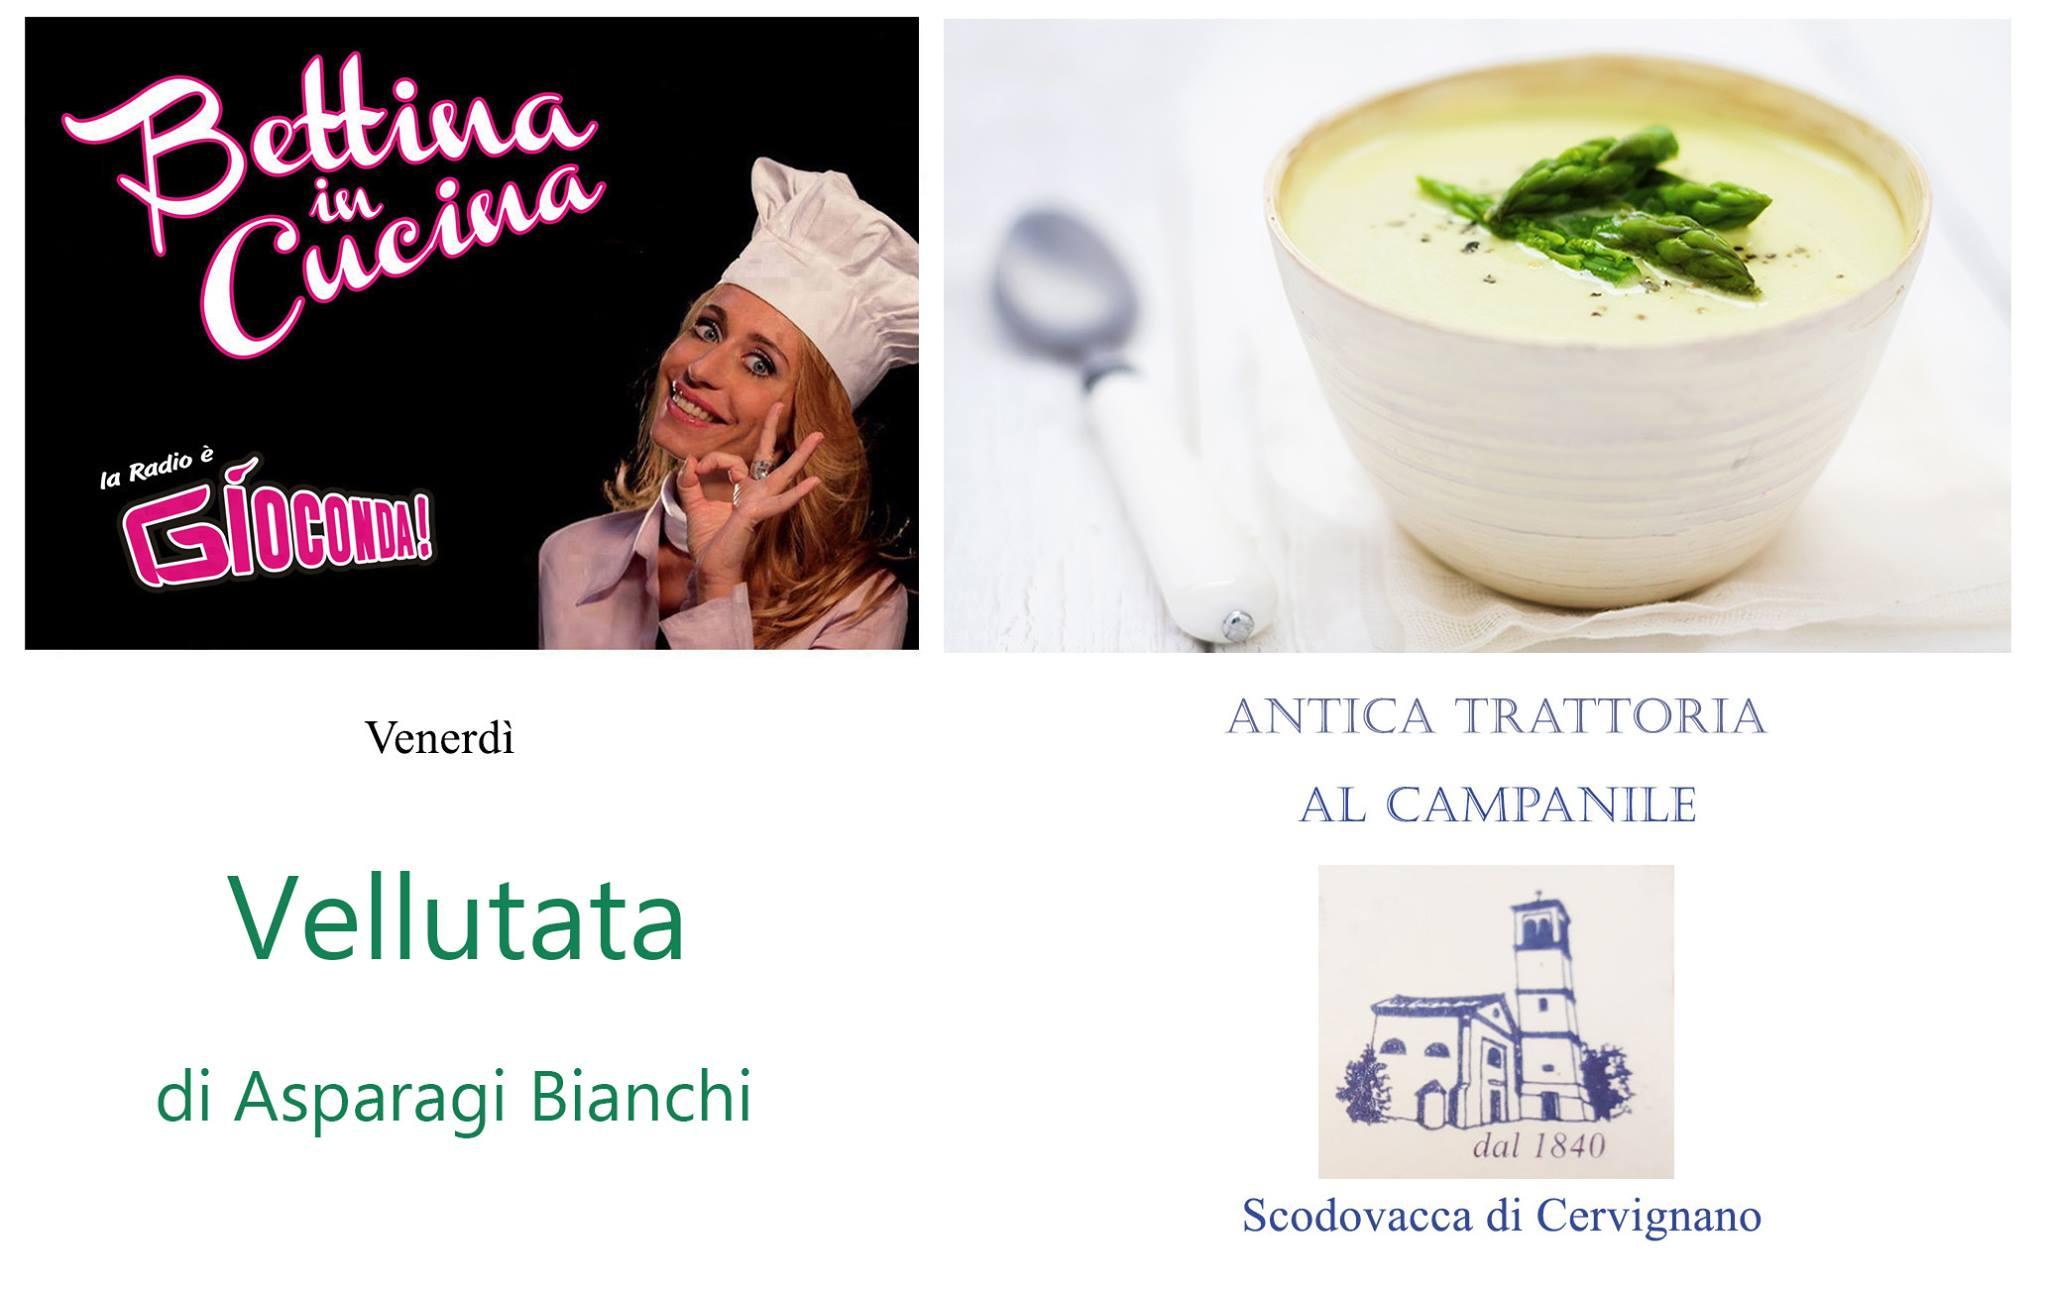 Bettina in Cucina con Al Campanile